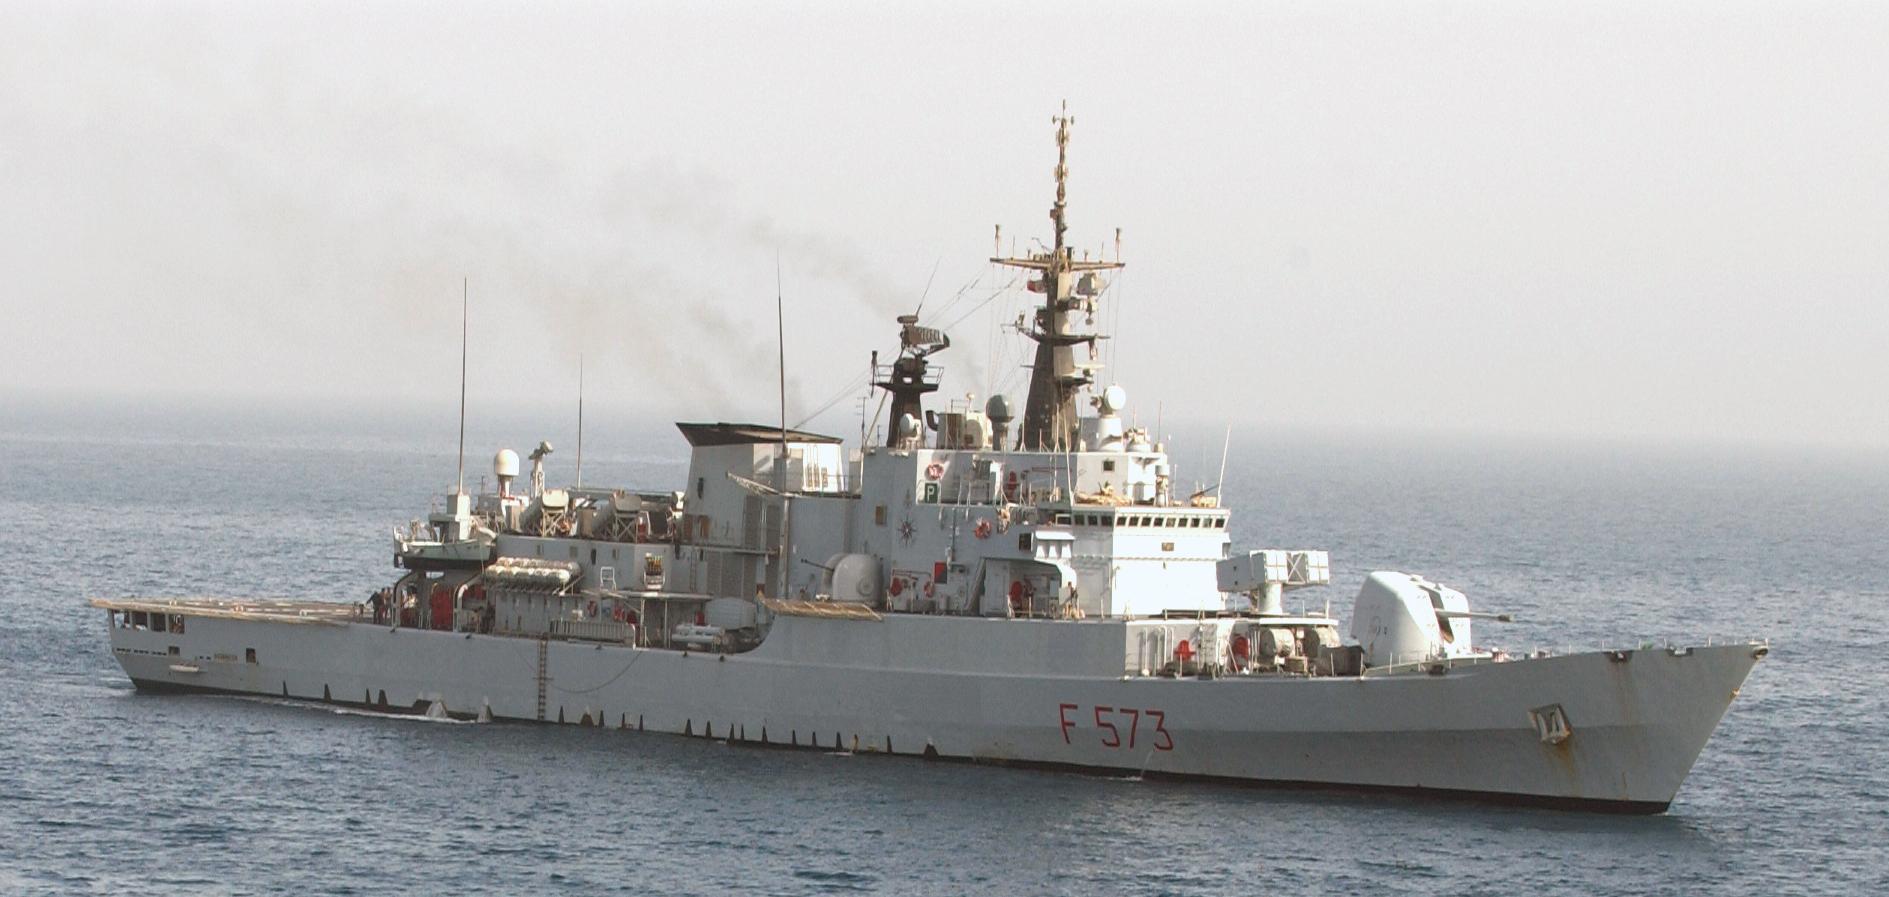 Italian Maestrale class frigate ITS Scirocco (F 573)